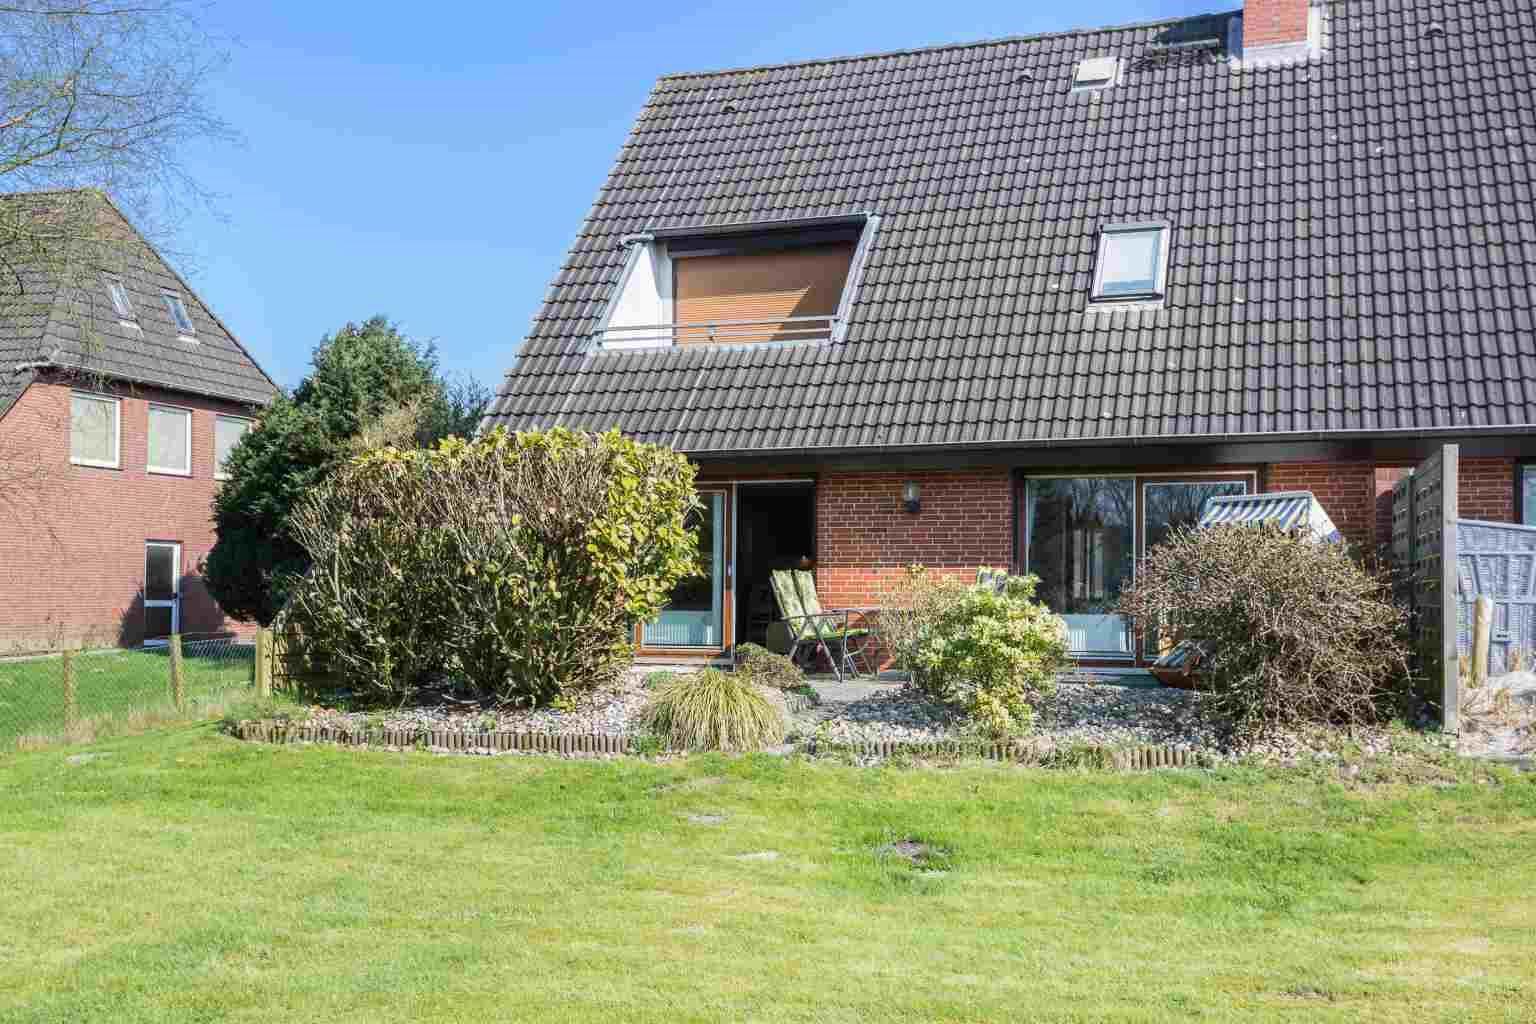 """Gartenterrasse mit Strandkorb - St Peter Ording Dorf, Haus Boevergeest 11, Wohnung """"Kleine Moewe"""""""